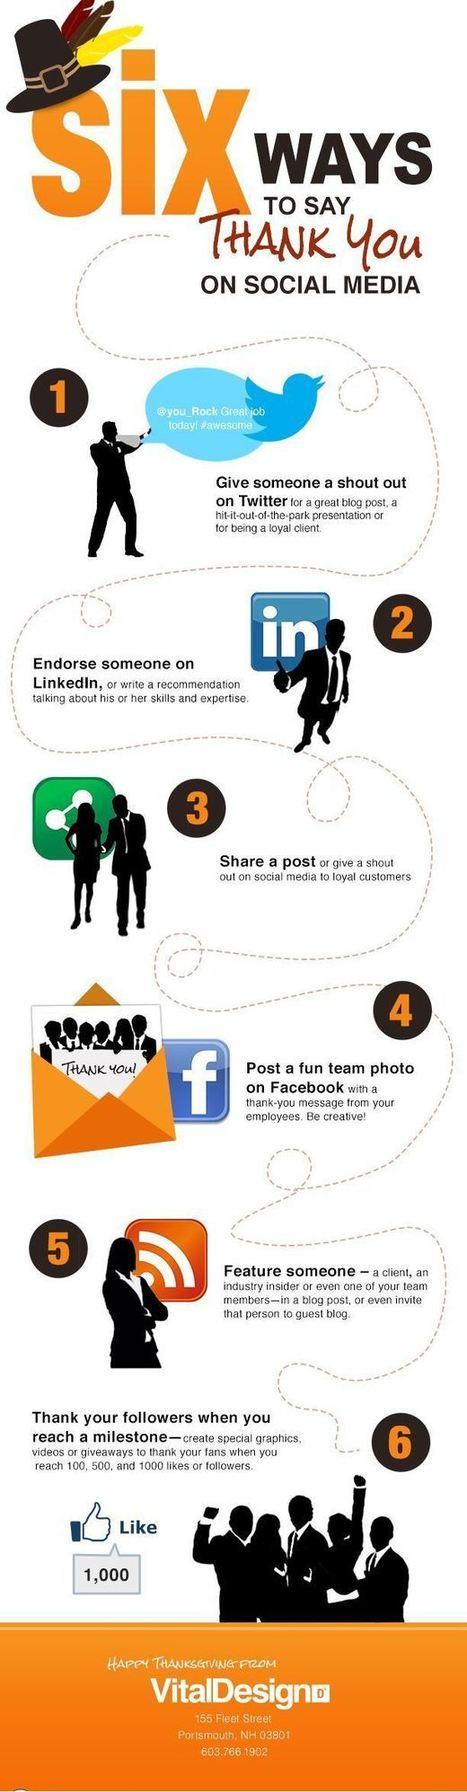 6 formas de decir gracias en la Social Media - Lukor | Comunicación inteligente y creativa | Scoop.it